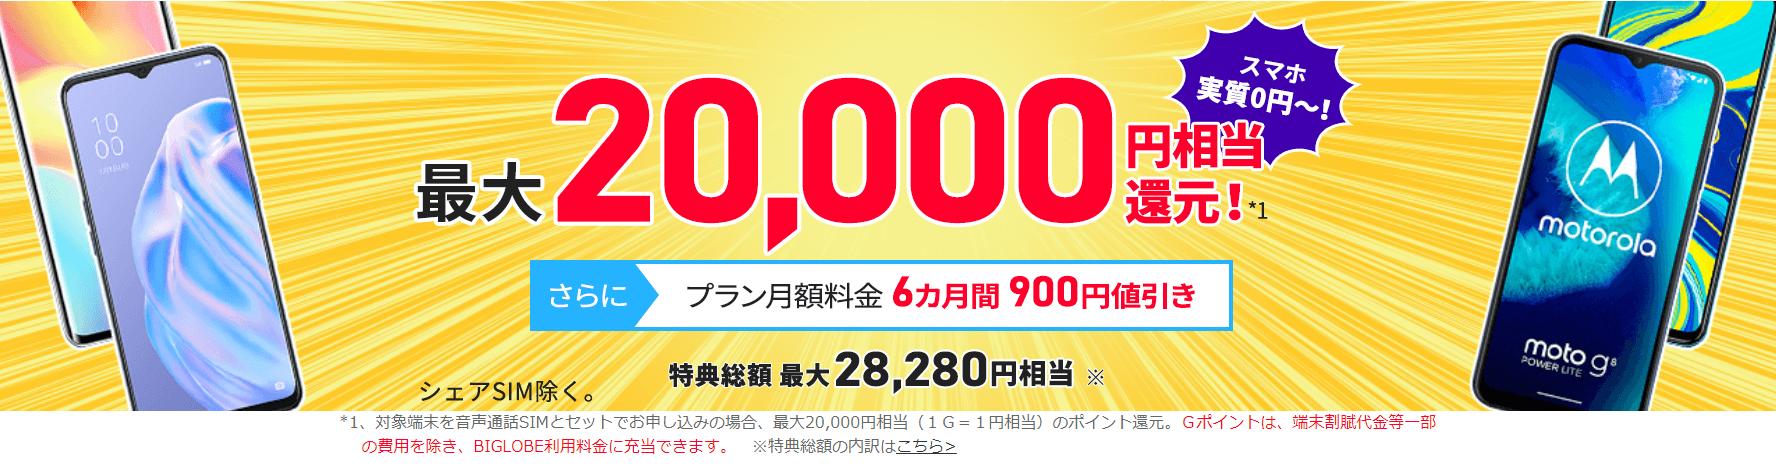 端末セット得点!対象スマホ同時購入20,000円ポイント還元